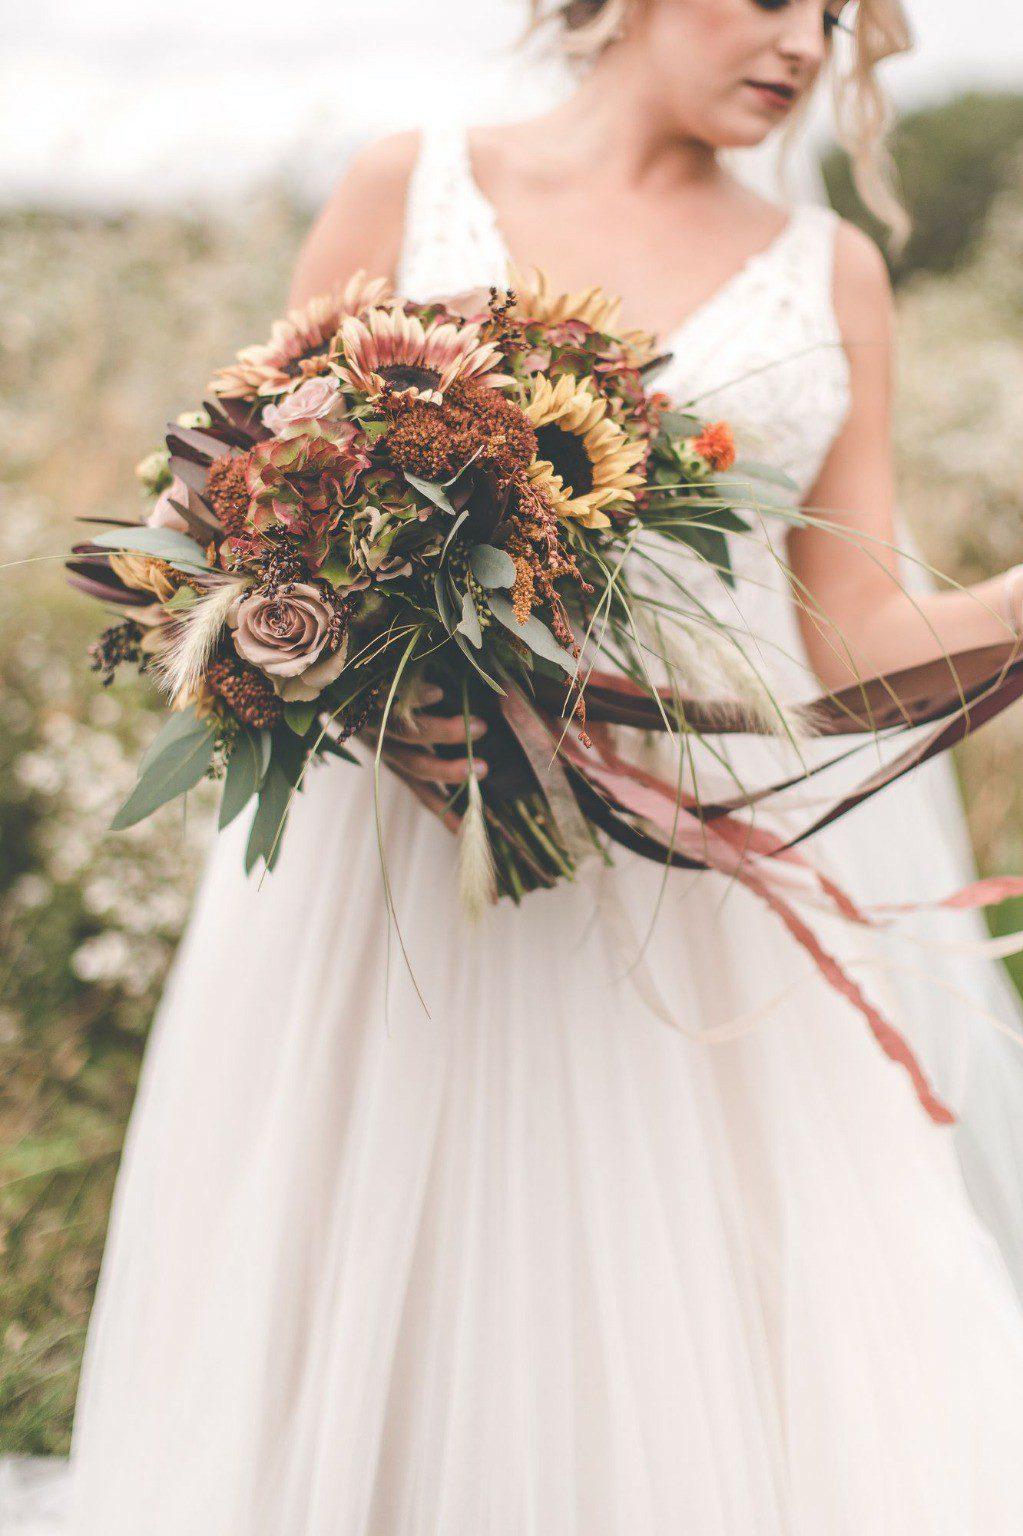 fall-wedding-bouquet,fall-bridal-bouquet,sunflower-bouquet,wedding-flowers